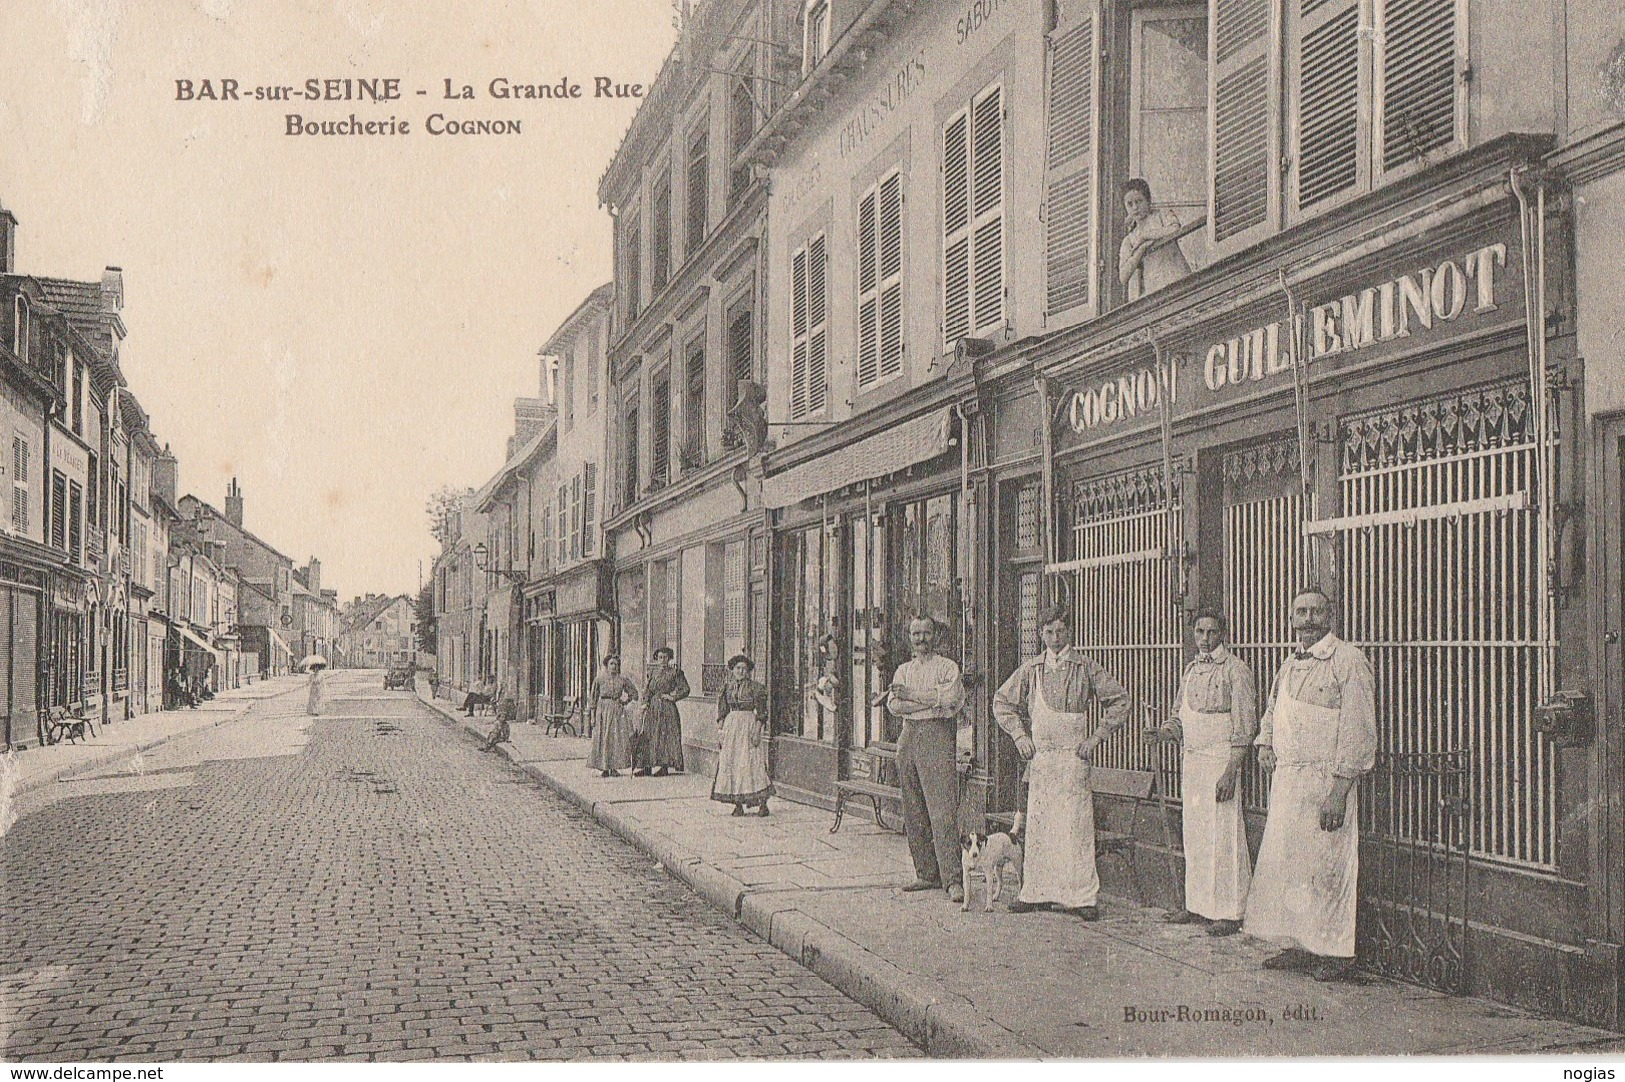 BAR SUR SEINE - LA GRANDE RUE - LA BOUCHERIE COGNON GUILLEMINOT - BELLE CARTE TRES ANIMEE - COMMERCES - RUE PAVEE - TOP - Bar-sur-Seine